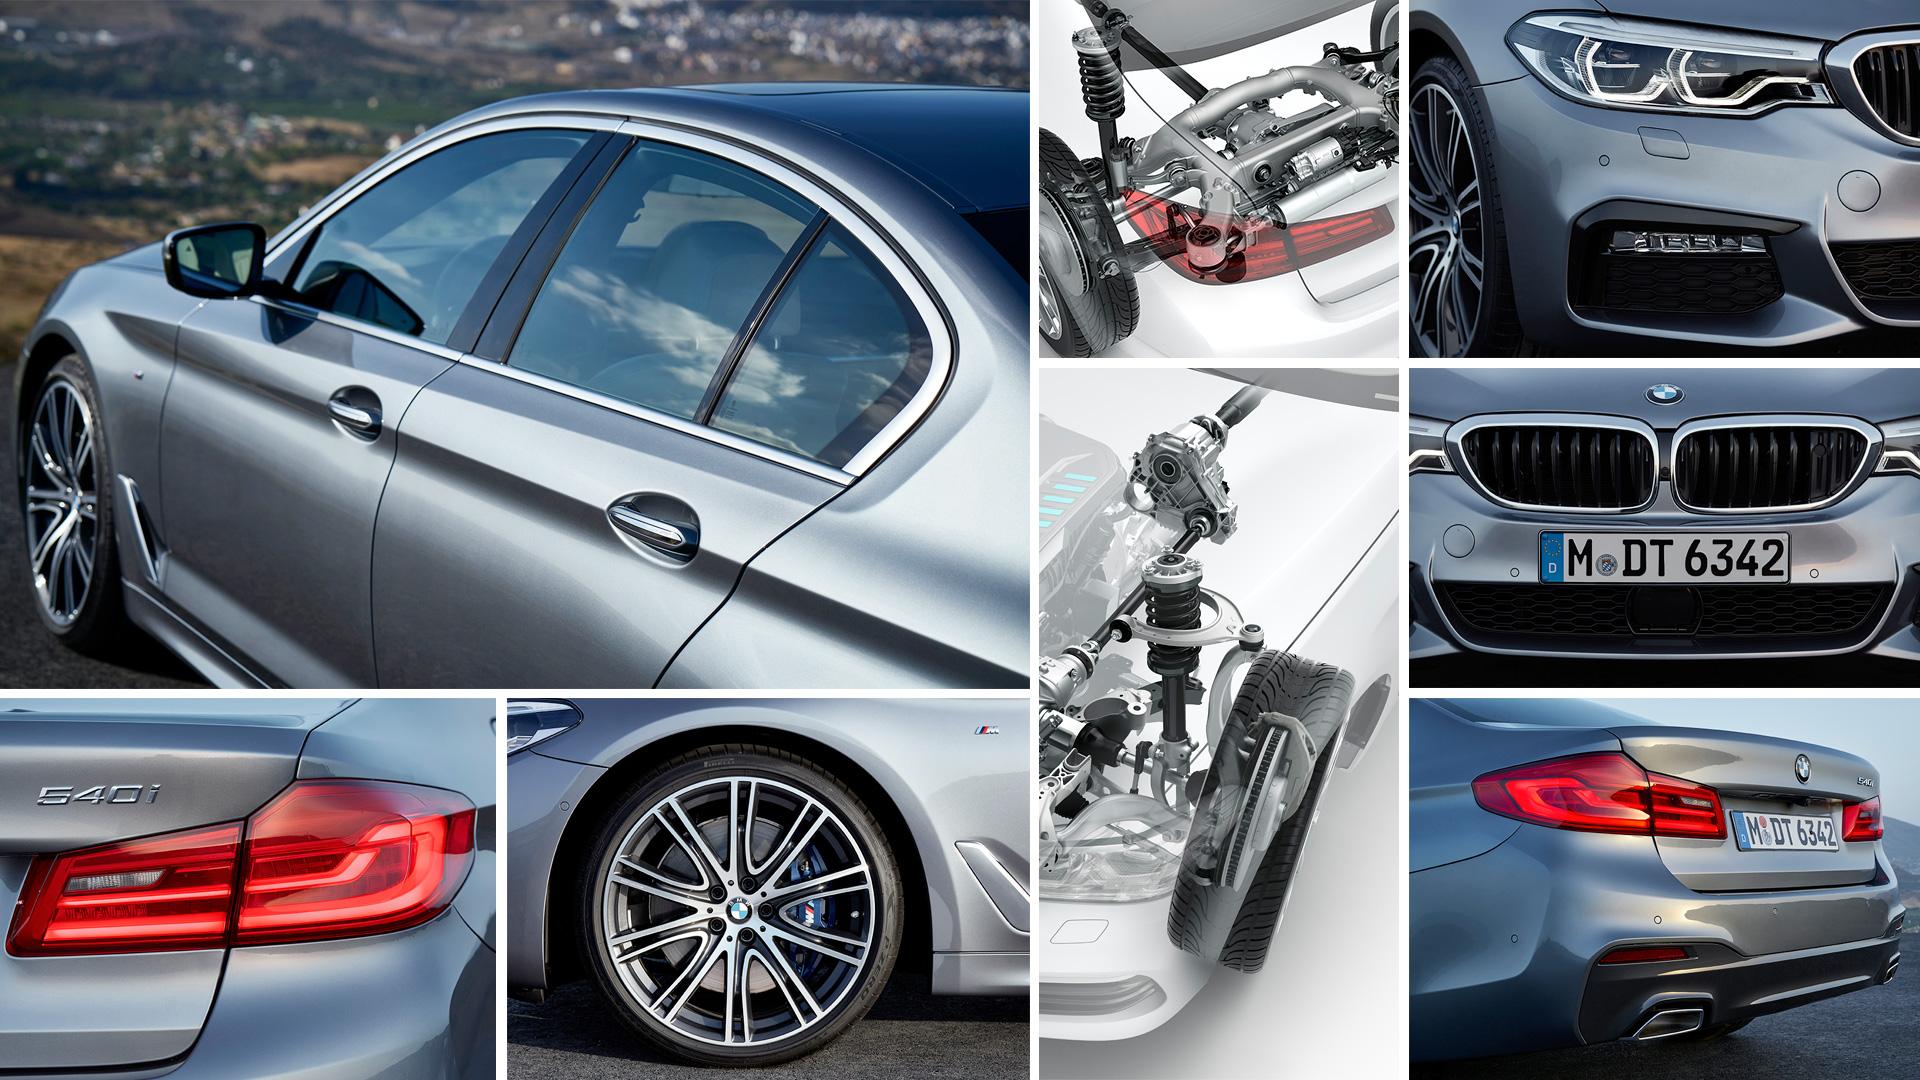 Тест новой «пятерки» BMW, которая теперь почти как «семерка». Только меньше. Фото 3